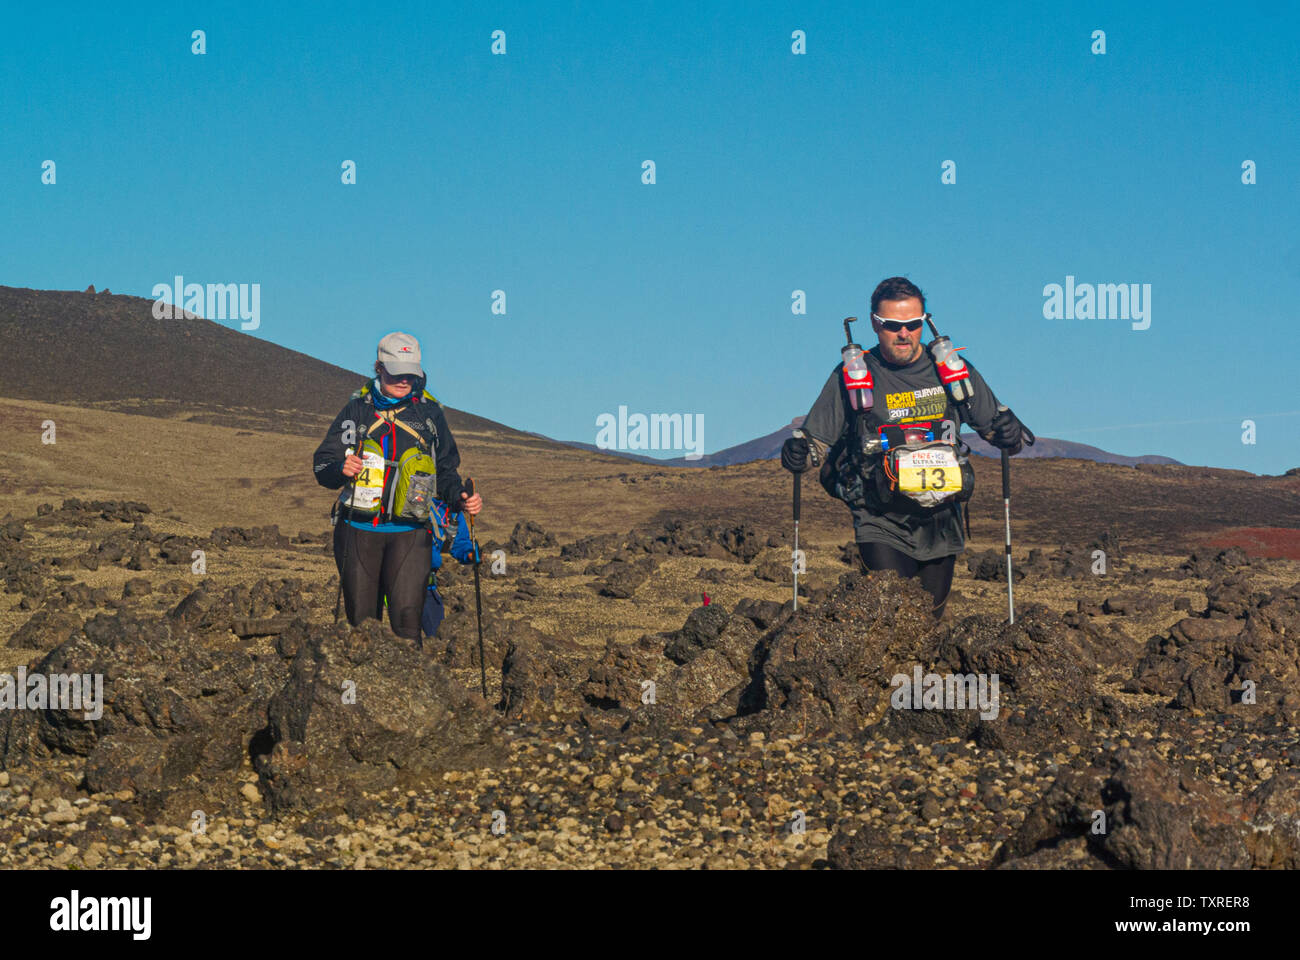 Concorrenti nel fuoco e ghiaccio Ultra gara endurance, Islanda 2017. Foto Stock